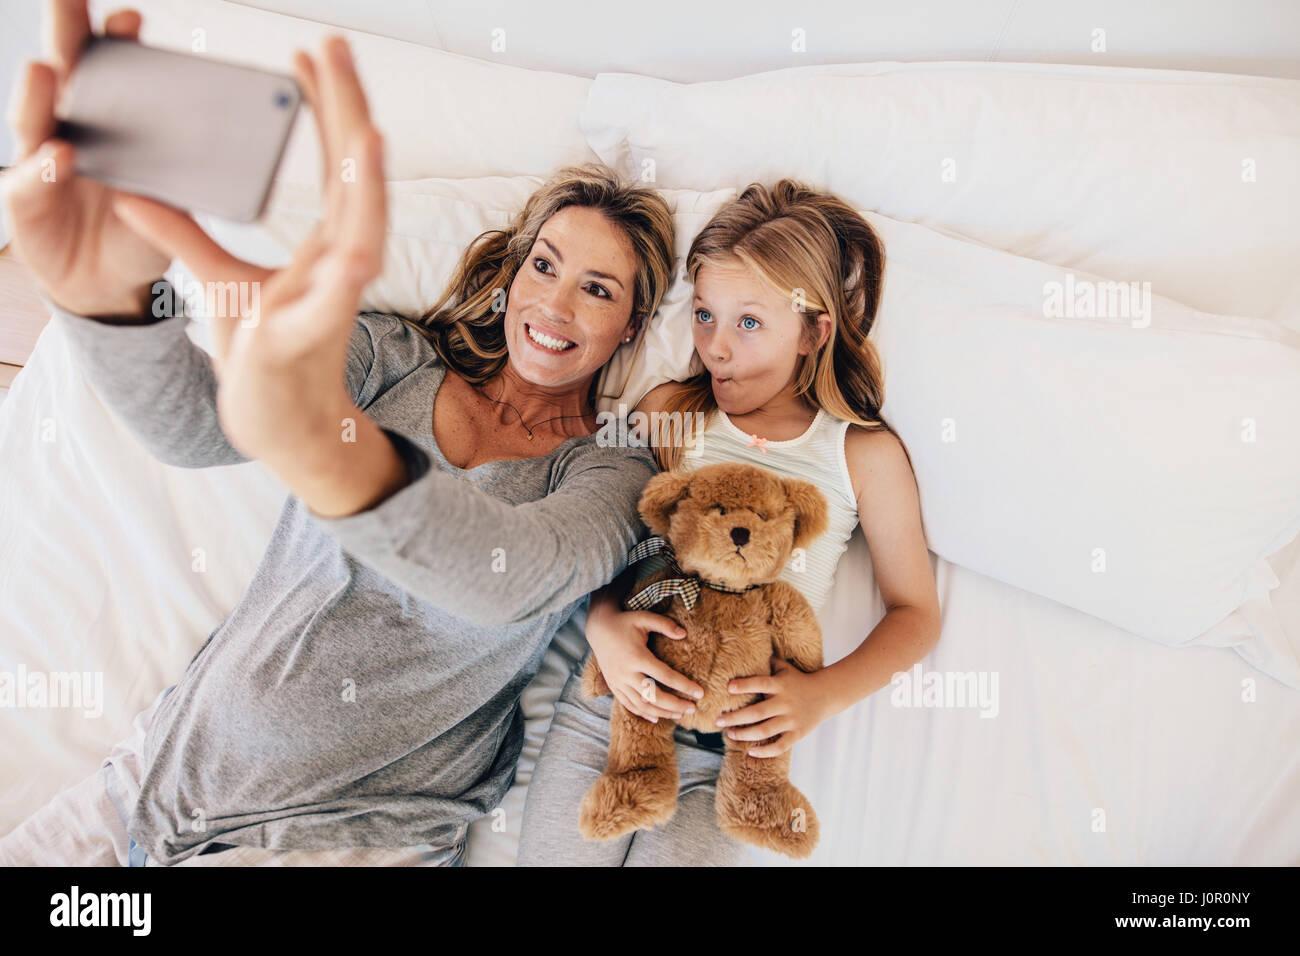 Mutter und Tochter am Bett liegen und unter Selbstbildnis mit Handy. Frau unter Selfie mit einem kleinen Mädchen Stockbild